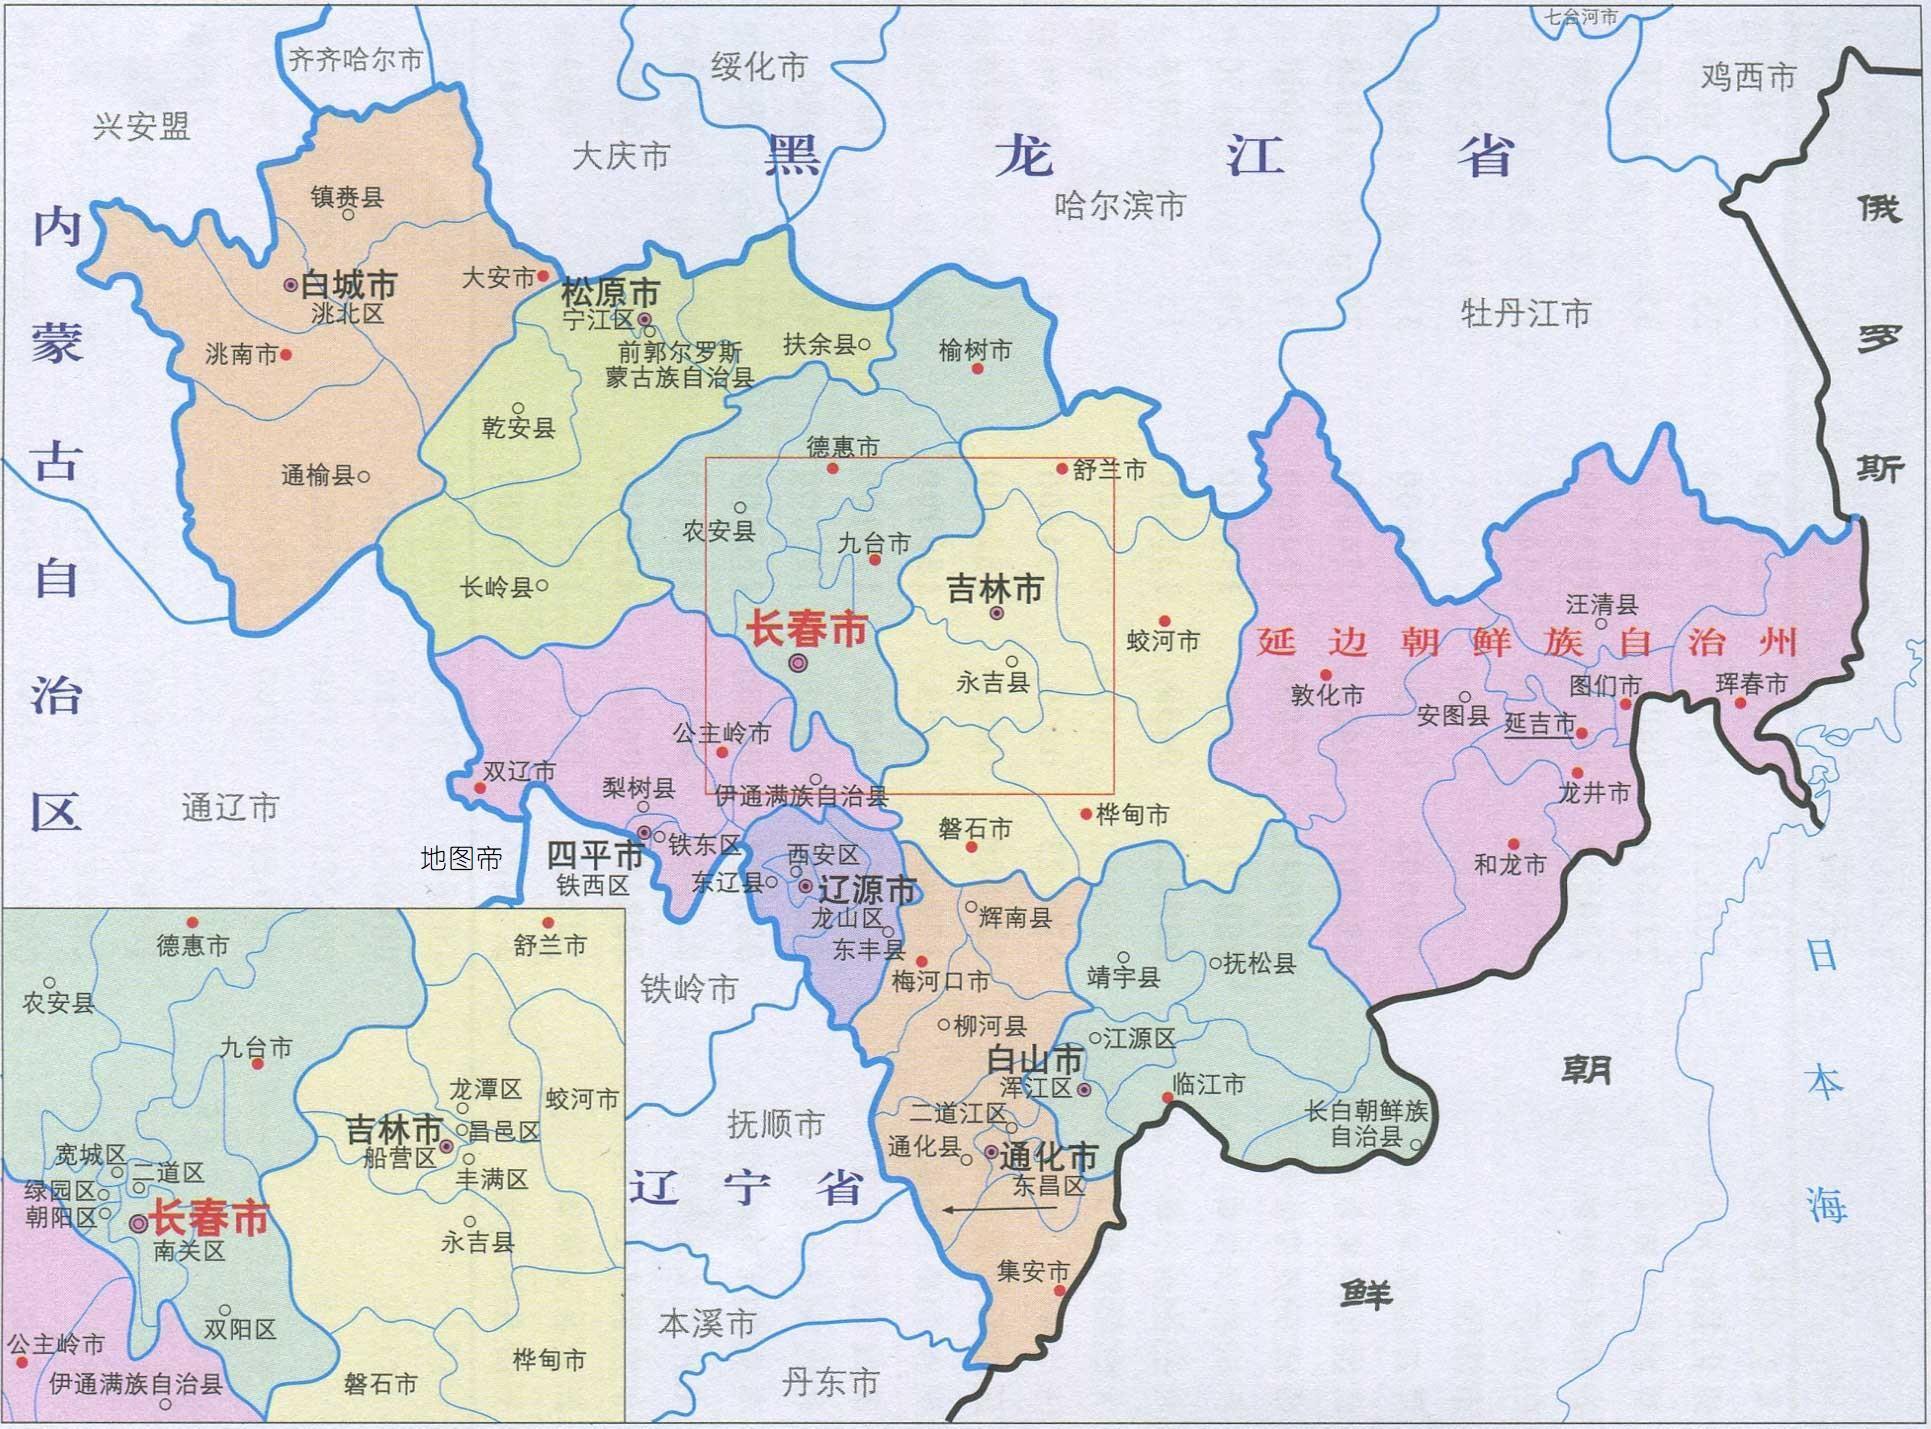 吉林市gdp_吉林市地图